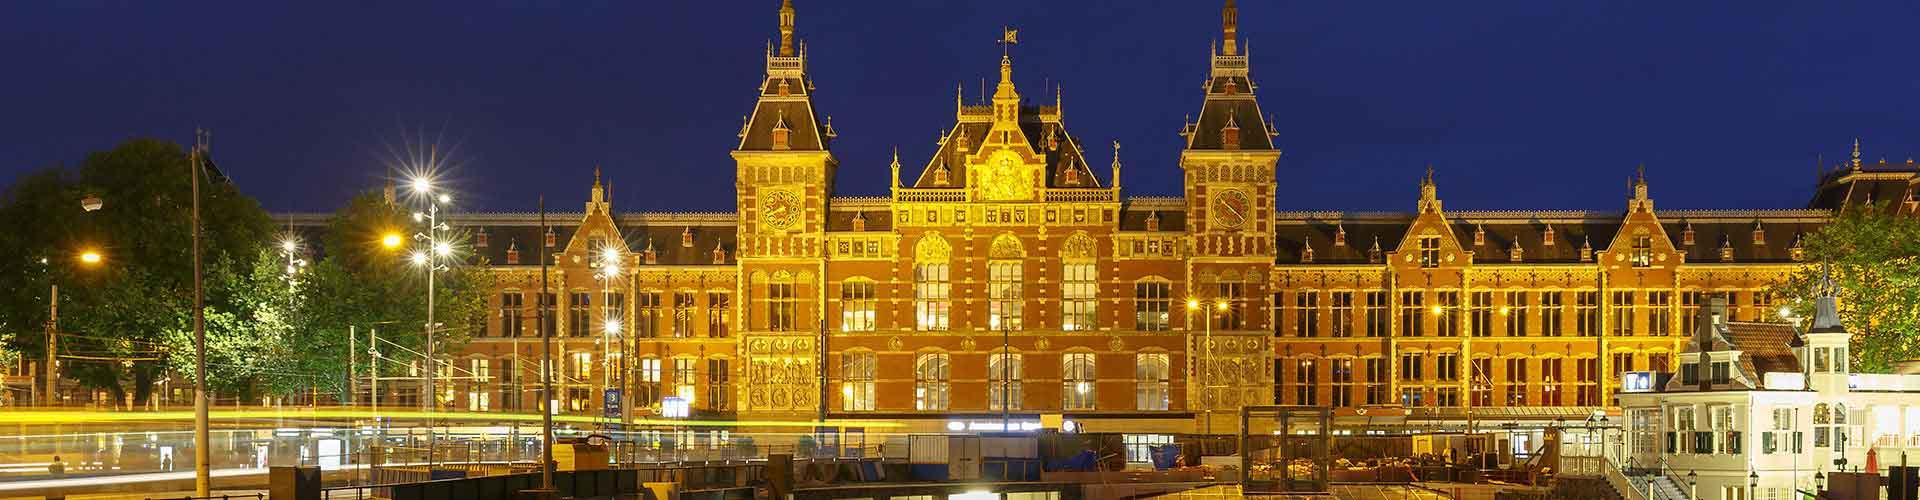 Amsterdam – Camping próximos de Amsterdam Centraal estação ferroviária. Mapas para Amsterdam, Fotos e Avaliações para cada camping em Amsterdam.